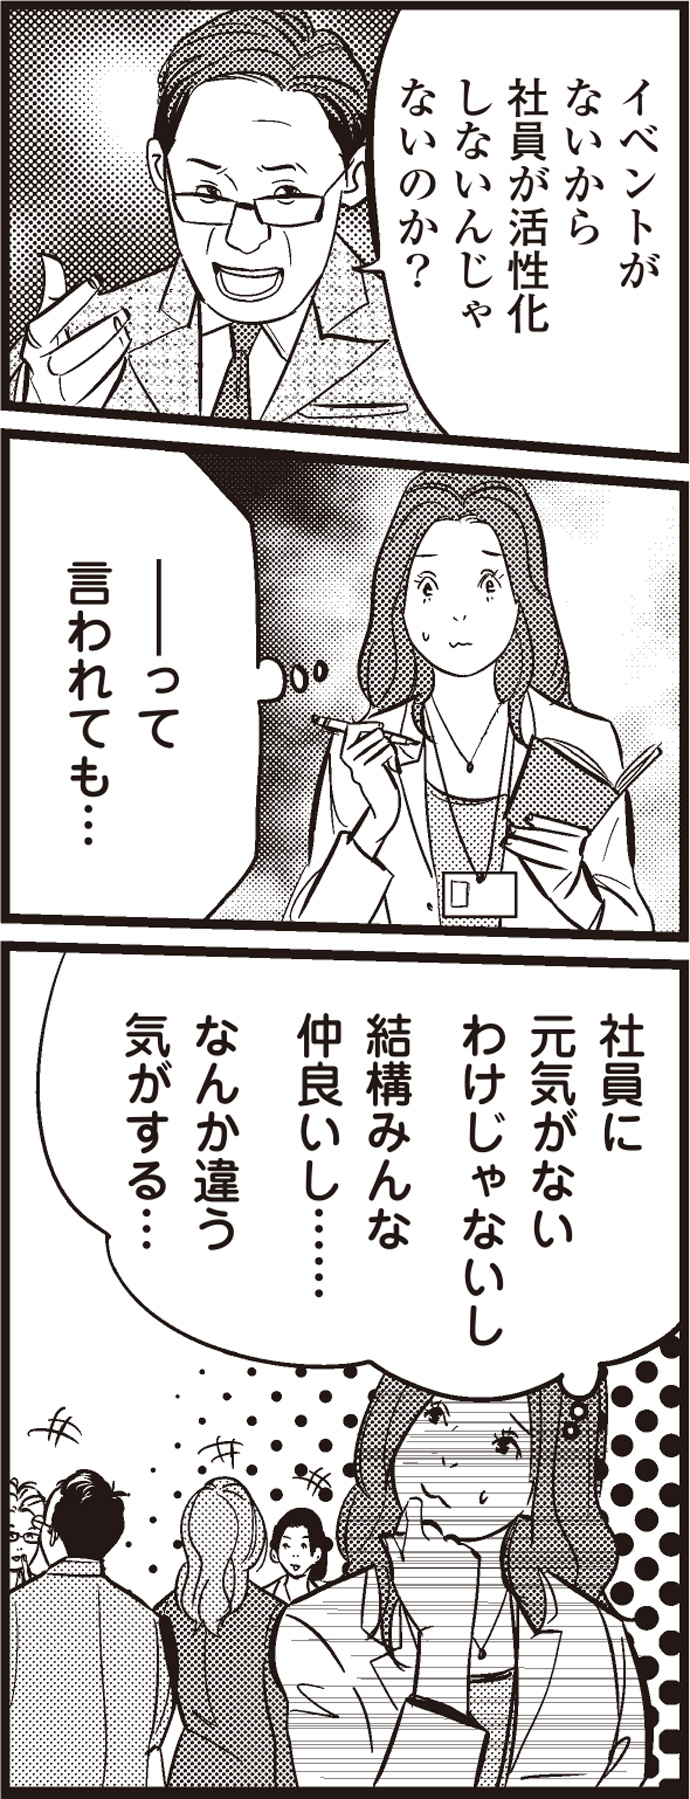 030_01.jpg